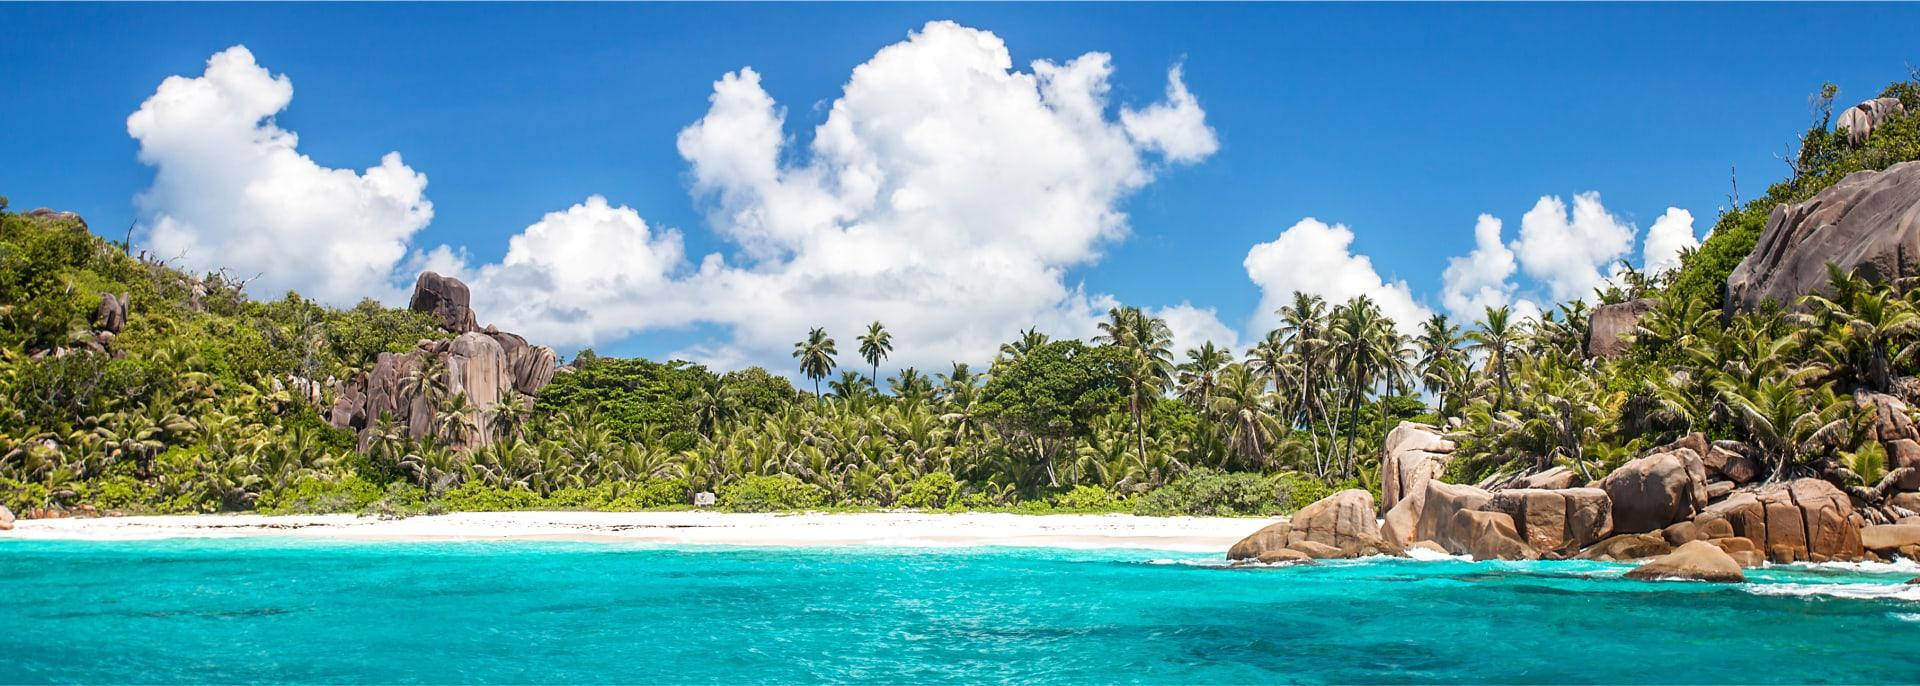 Felicite Insel, in der Nähe von La Digue, Seychellen